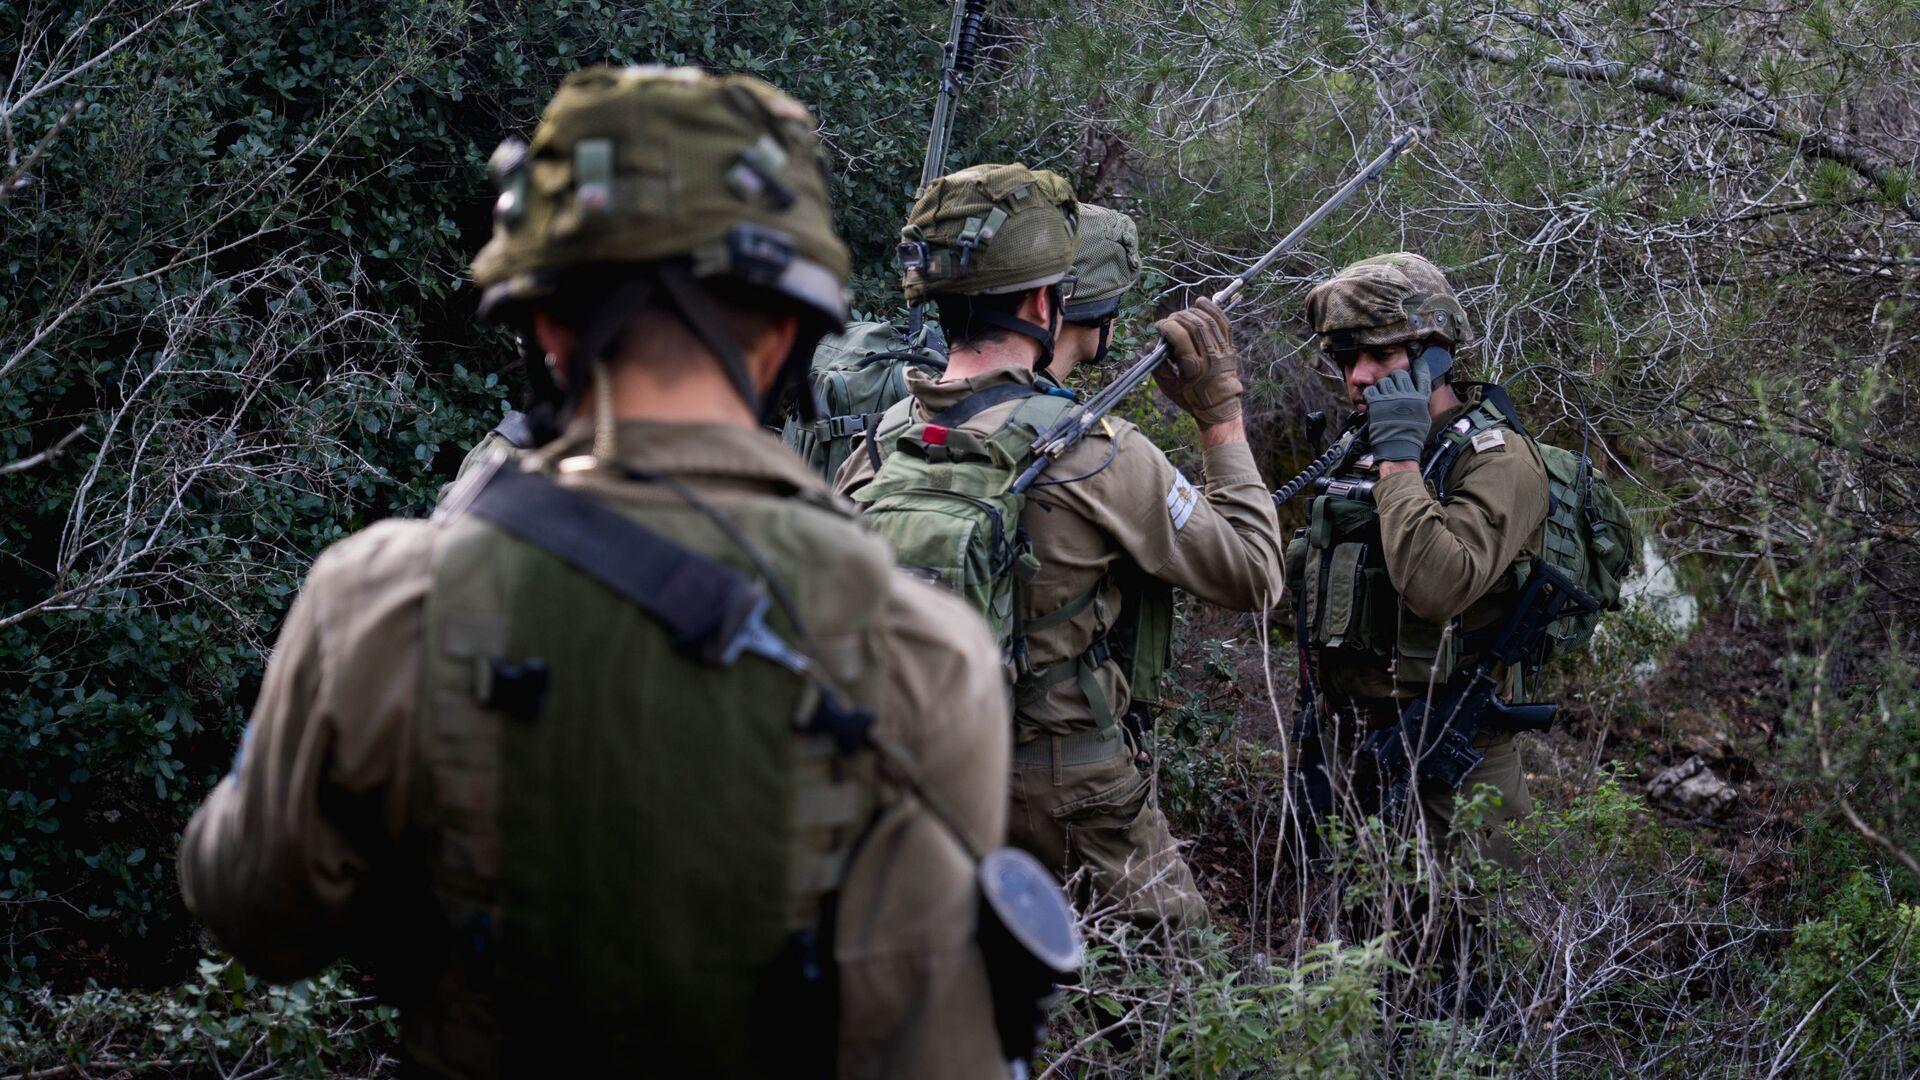 Солдаты армии Израиля на учениях - РИА Новости, 1920, 04.08.2021